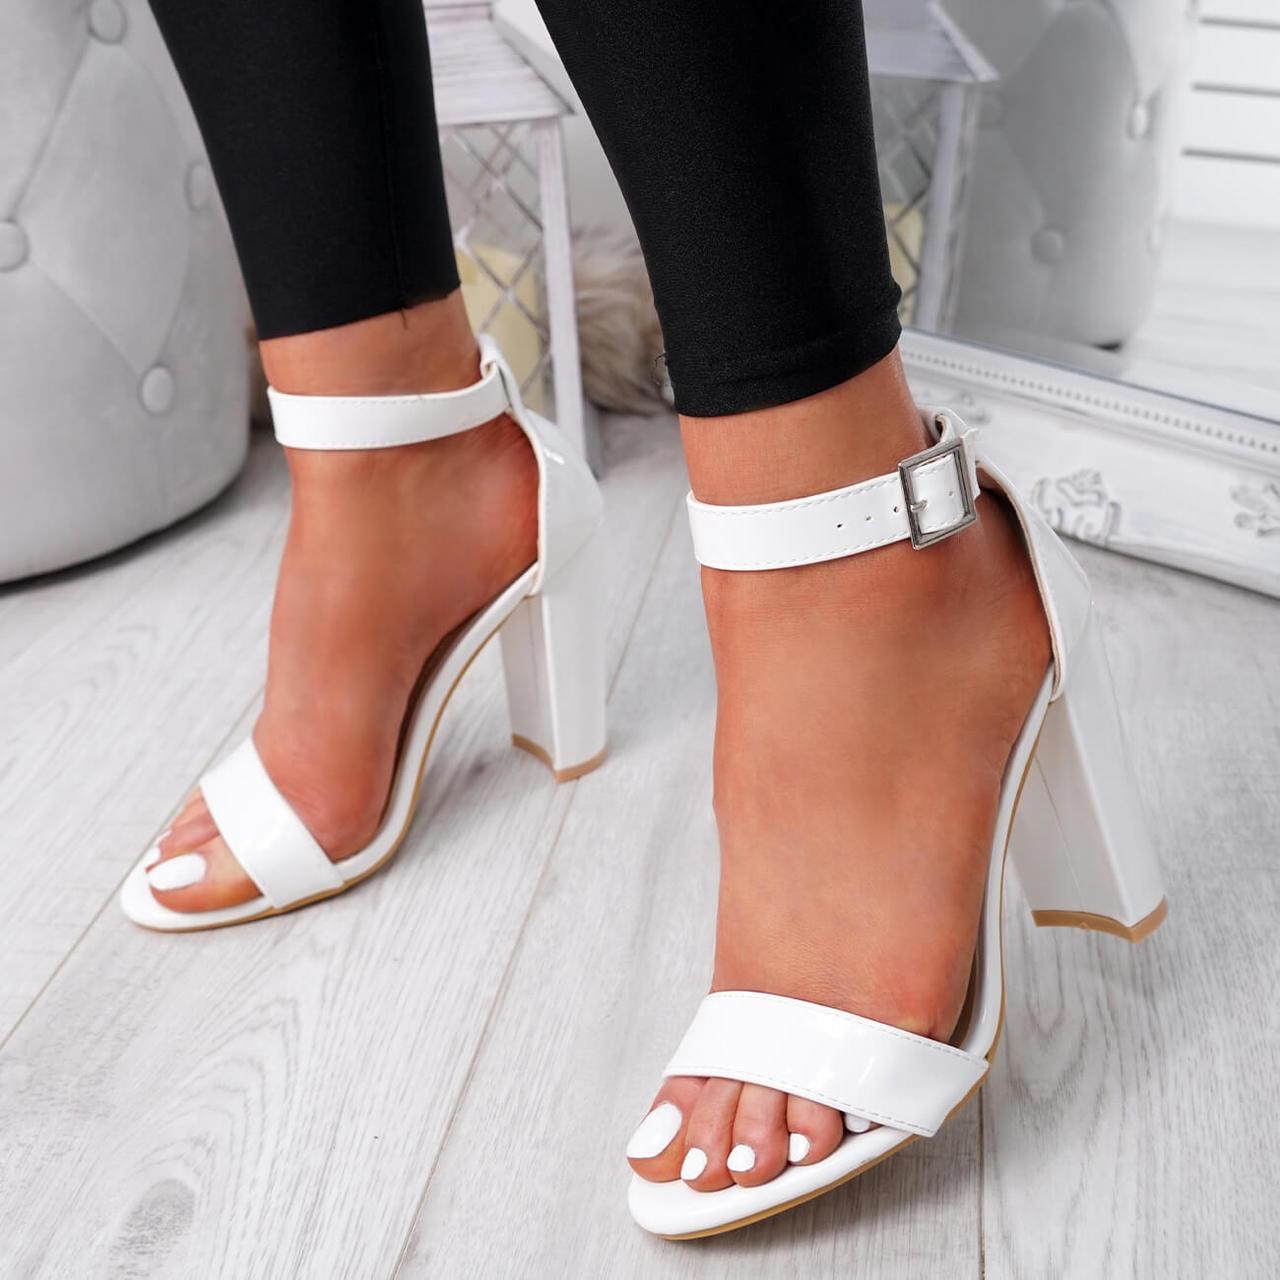 buy \u003e white stiletto heels uk, Up to 75